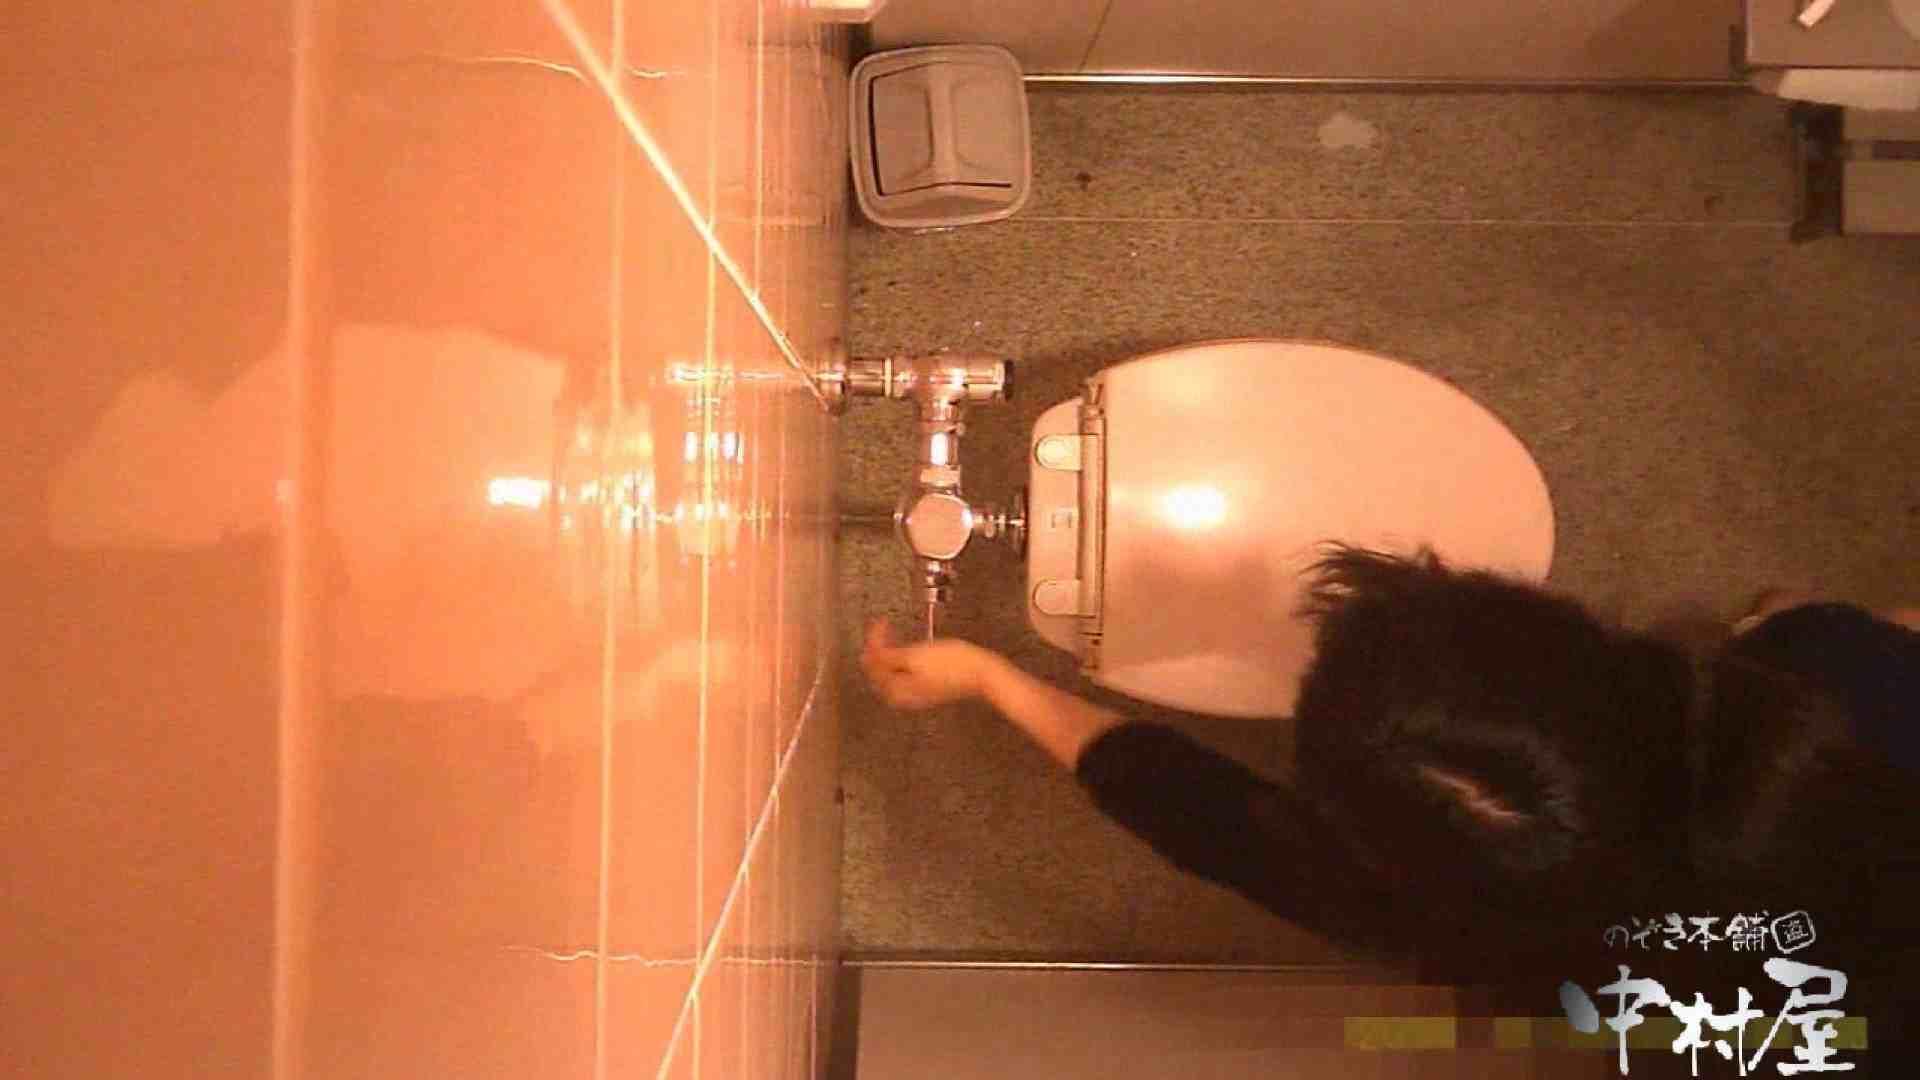 初盗撮!女盗撮師カレンさんの 潜入!女子トイレ盗撮!Vol.2 0 | 0  105pic 81